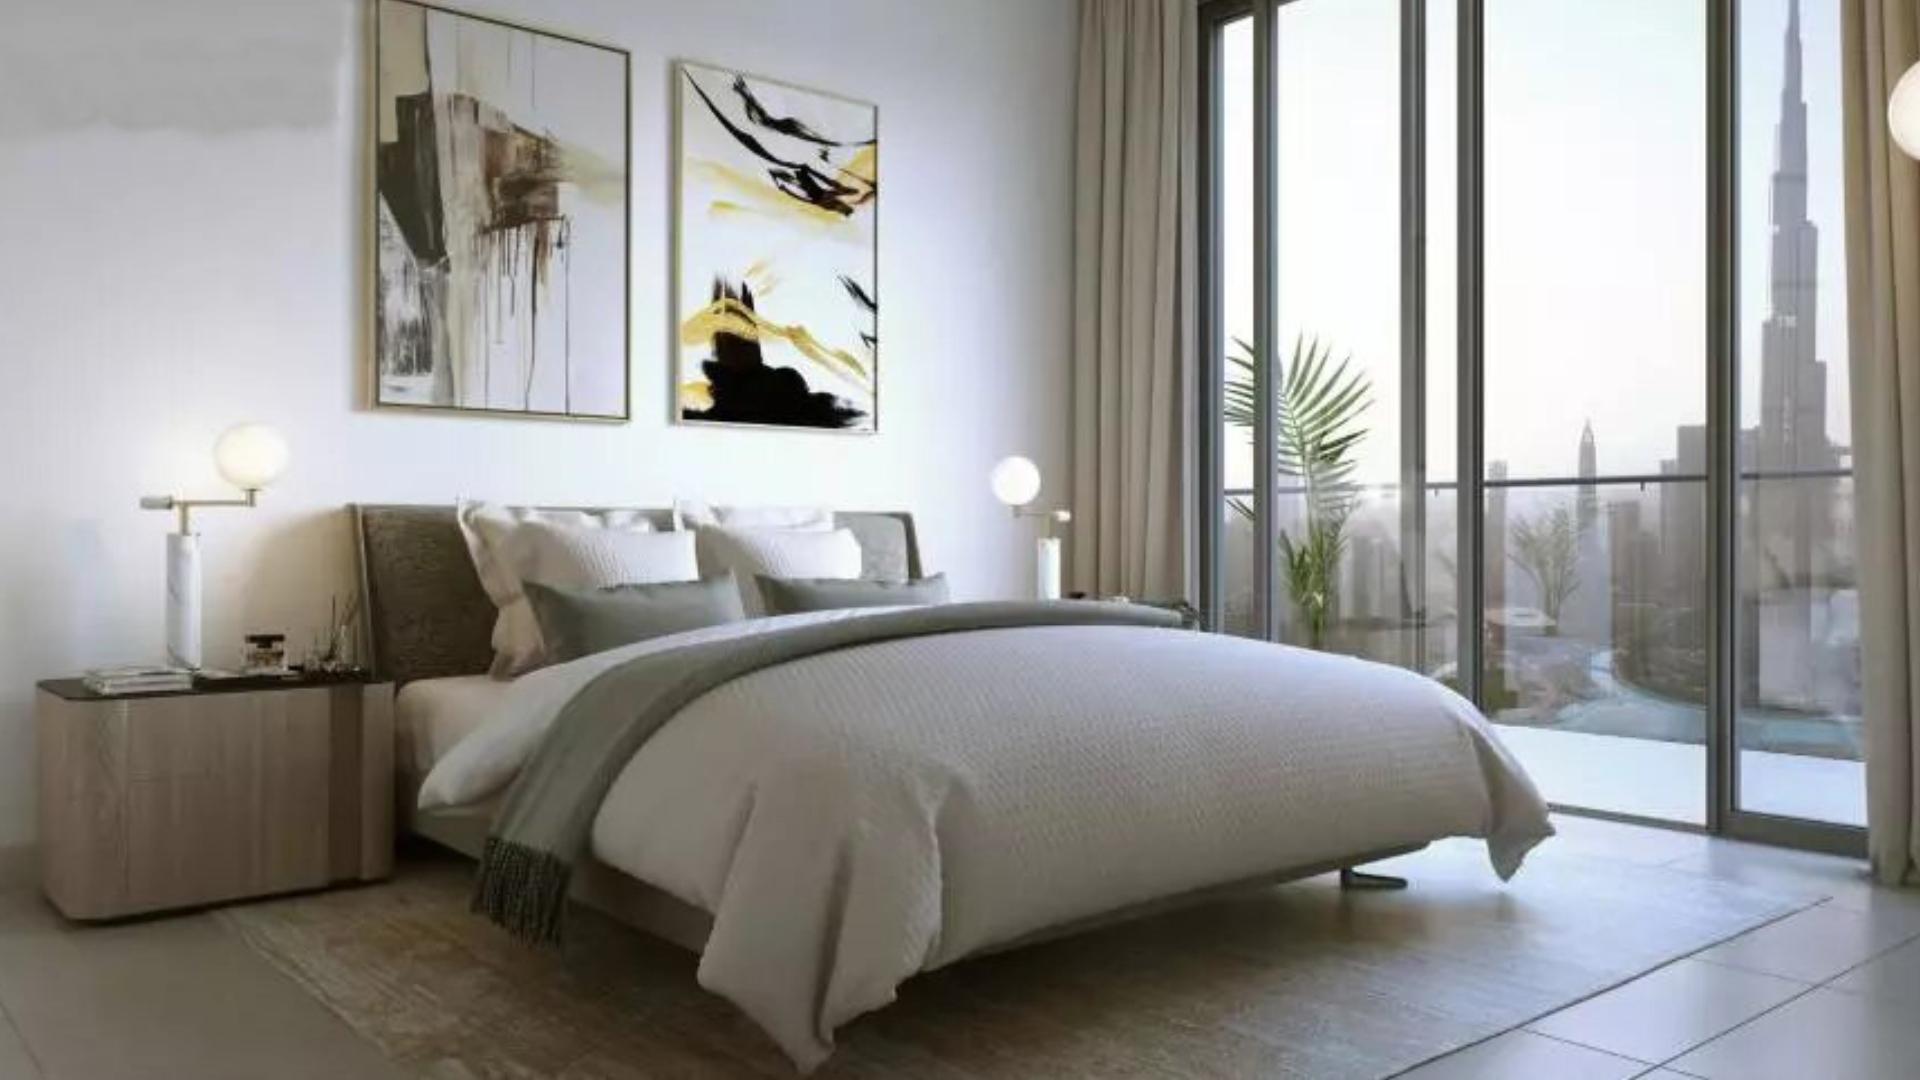 Apartamento en venta en Dubai, EAU, 2 dormitorios, 100 m2, № 24346 – foto 1